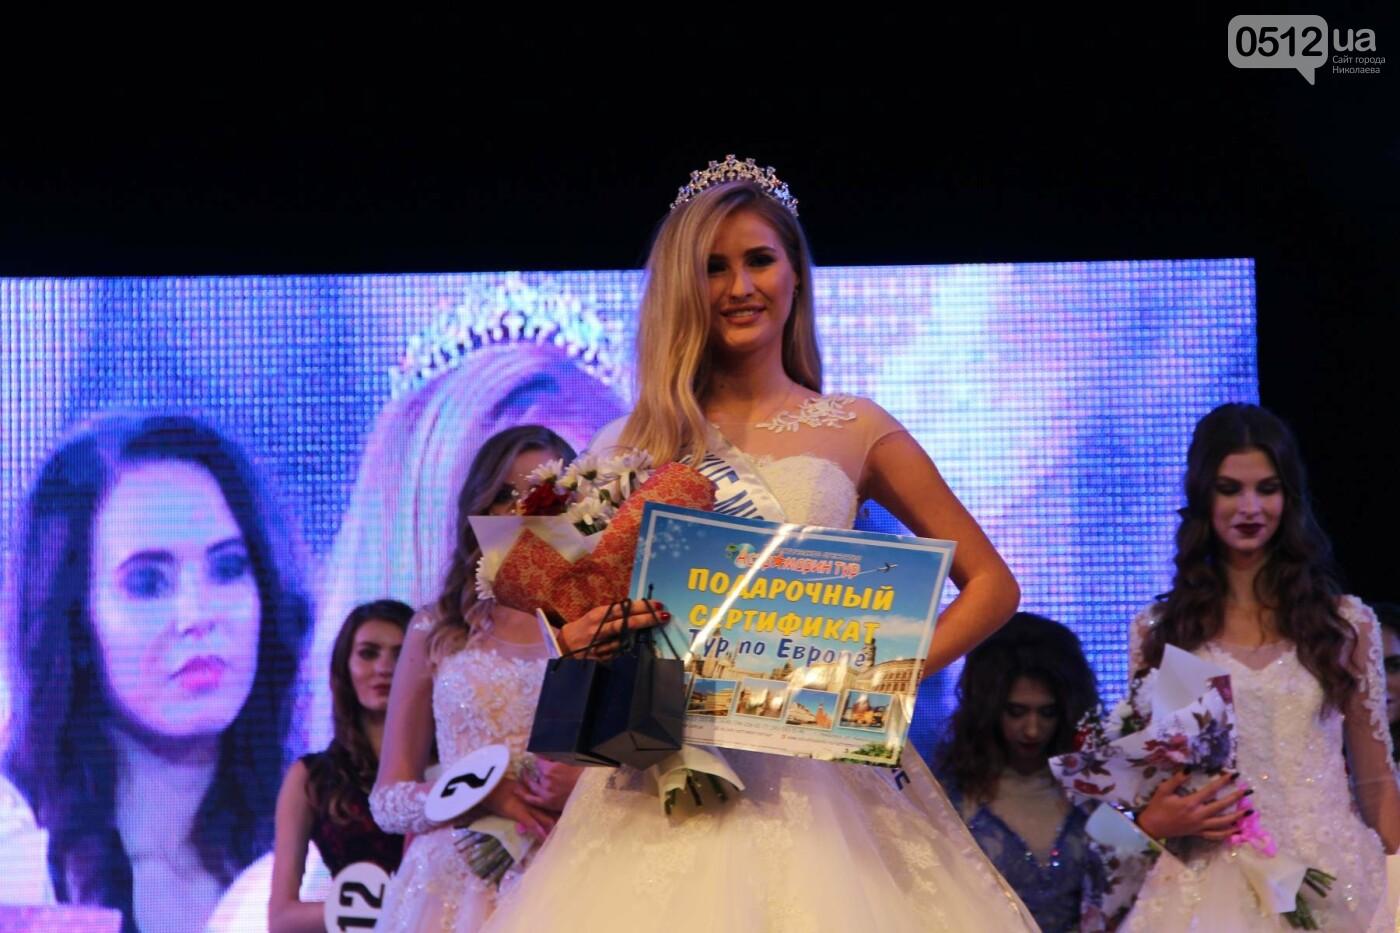 В Николаеве на конкурсе «Miss Top model Ukraine» выбрали самую красивую модель в Украине, - ФОТО, фото-5